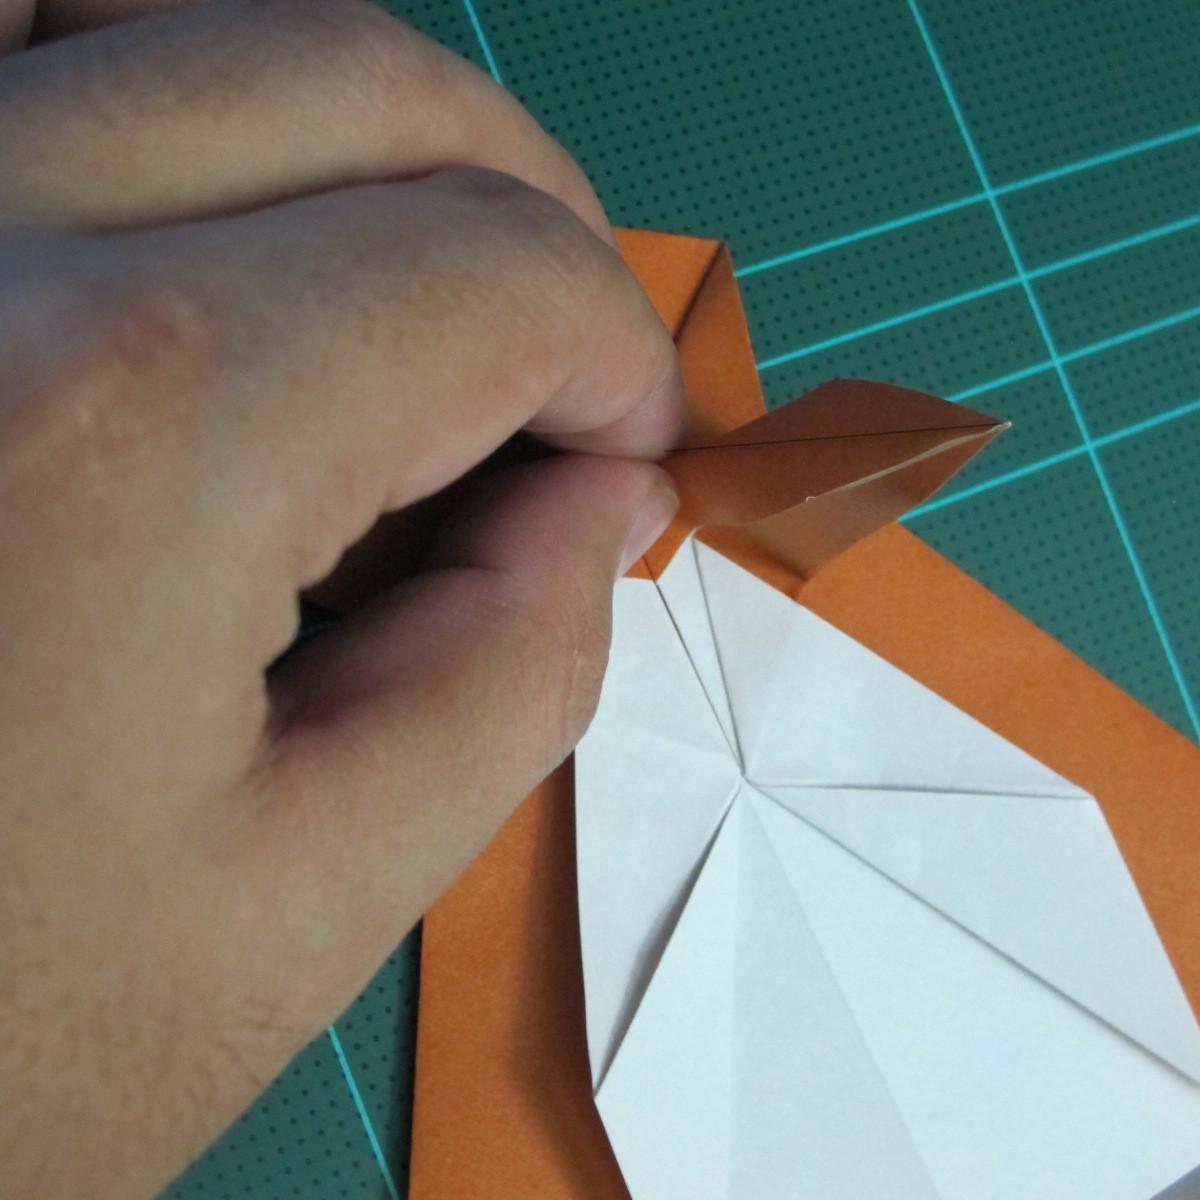 วิธีการพับกระดาษเป็นรูปกบ (แบบโคลัมเบี้ยน) (Origami Frog) 029